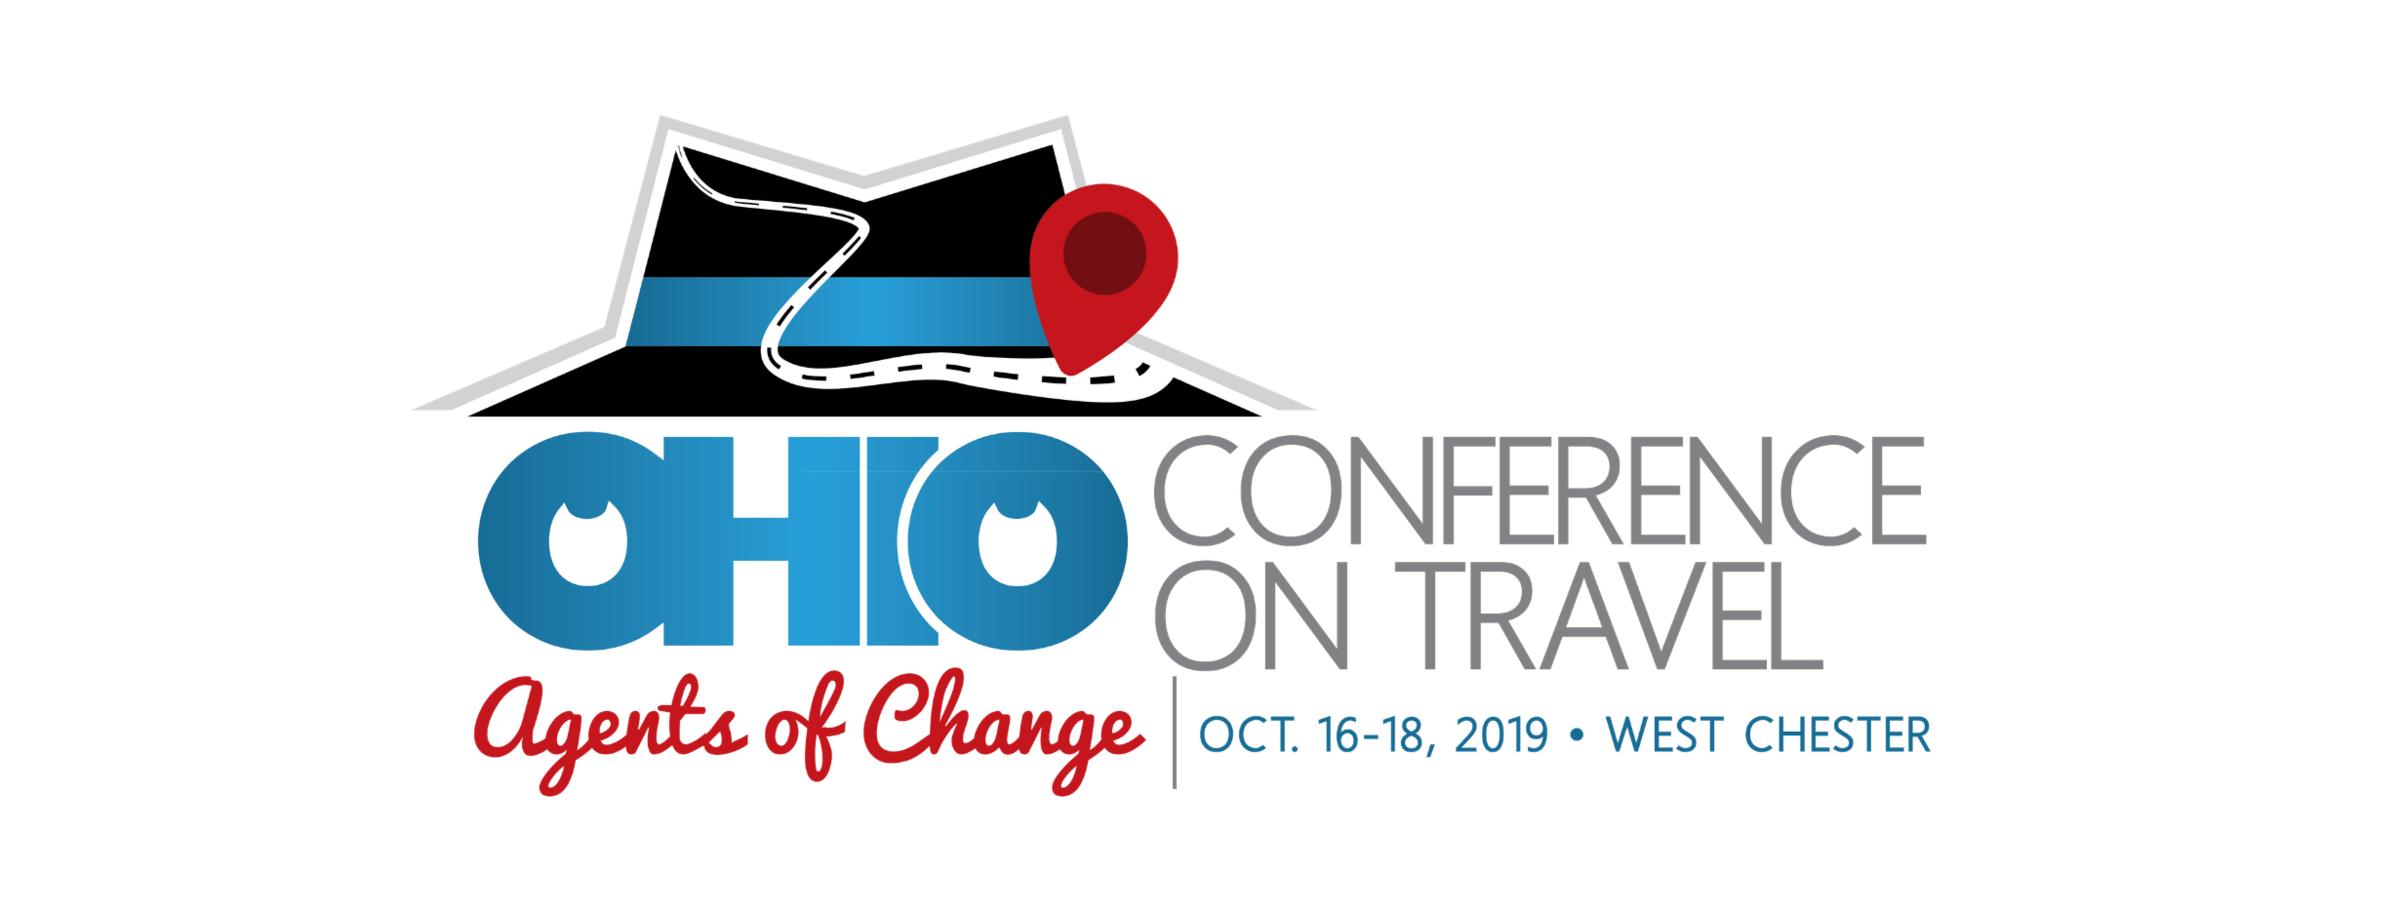 Register or Apply for Heartland Travel Showcase 2019